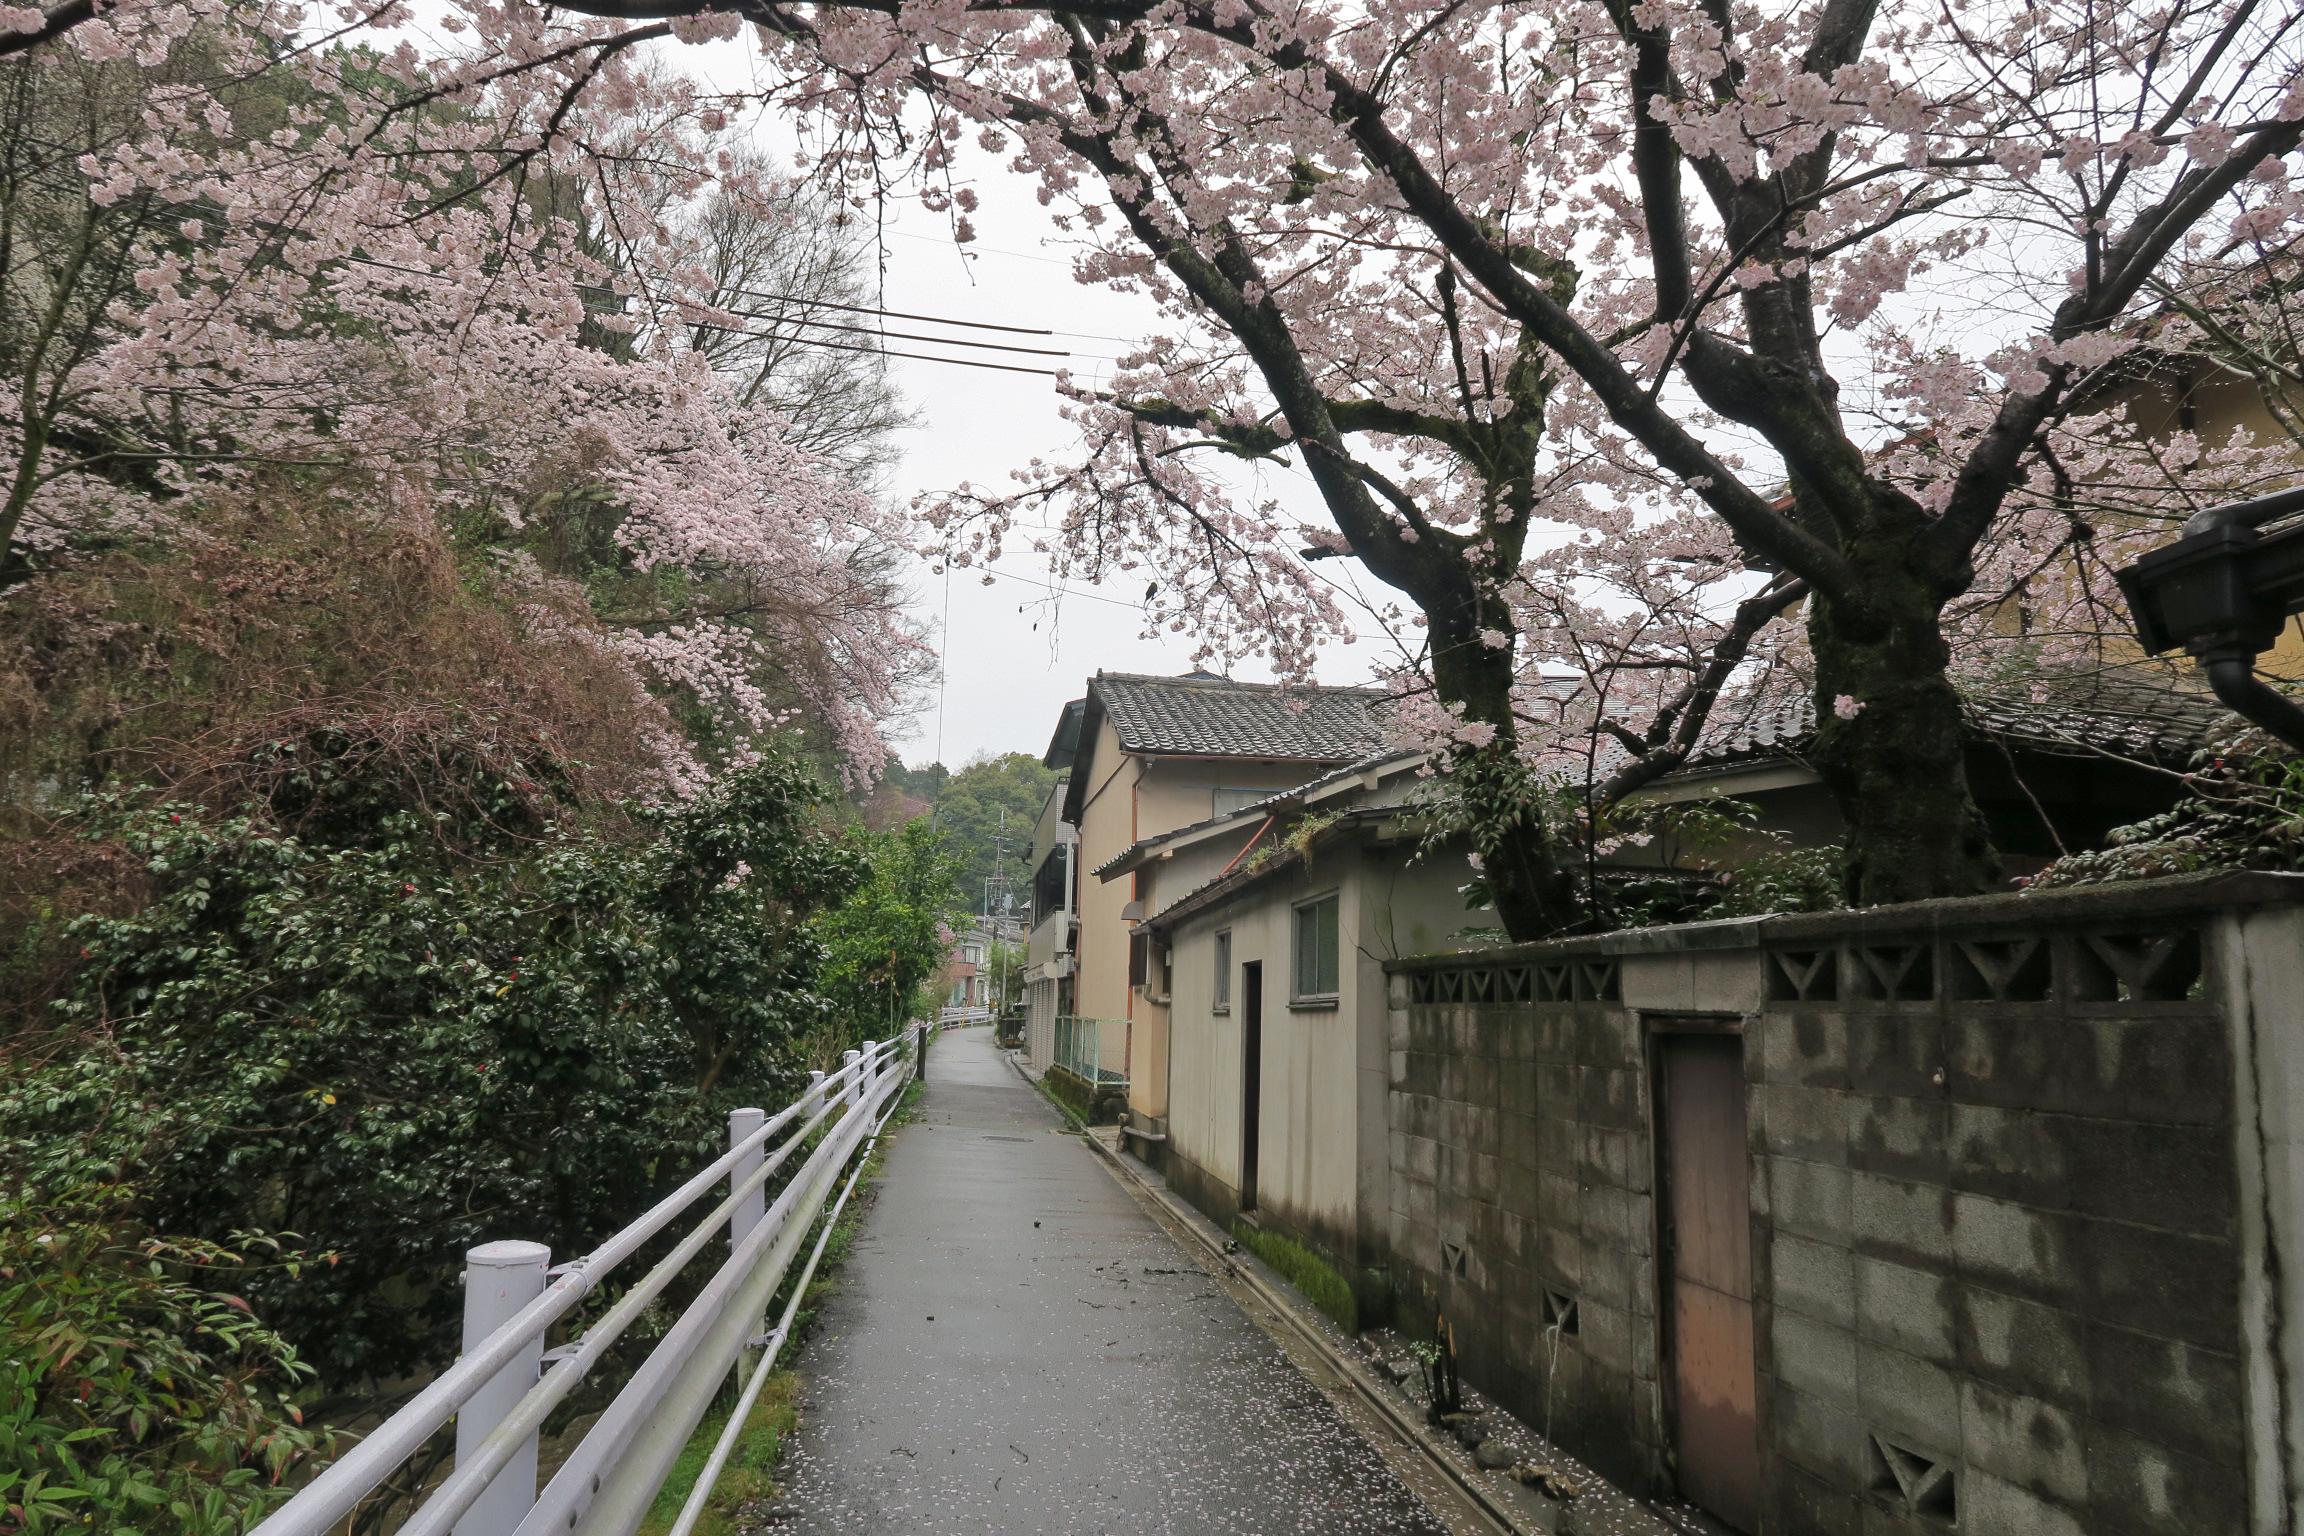 岡崎神社から真如堂に向かう途中の道にも桜が咲いています。右手のお宅の桜も見事でした。